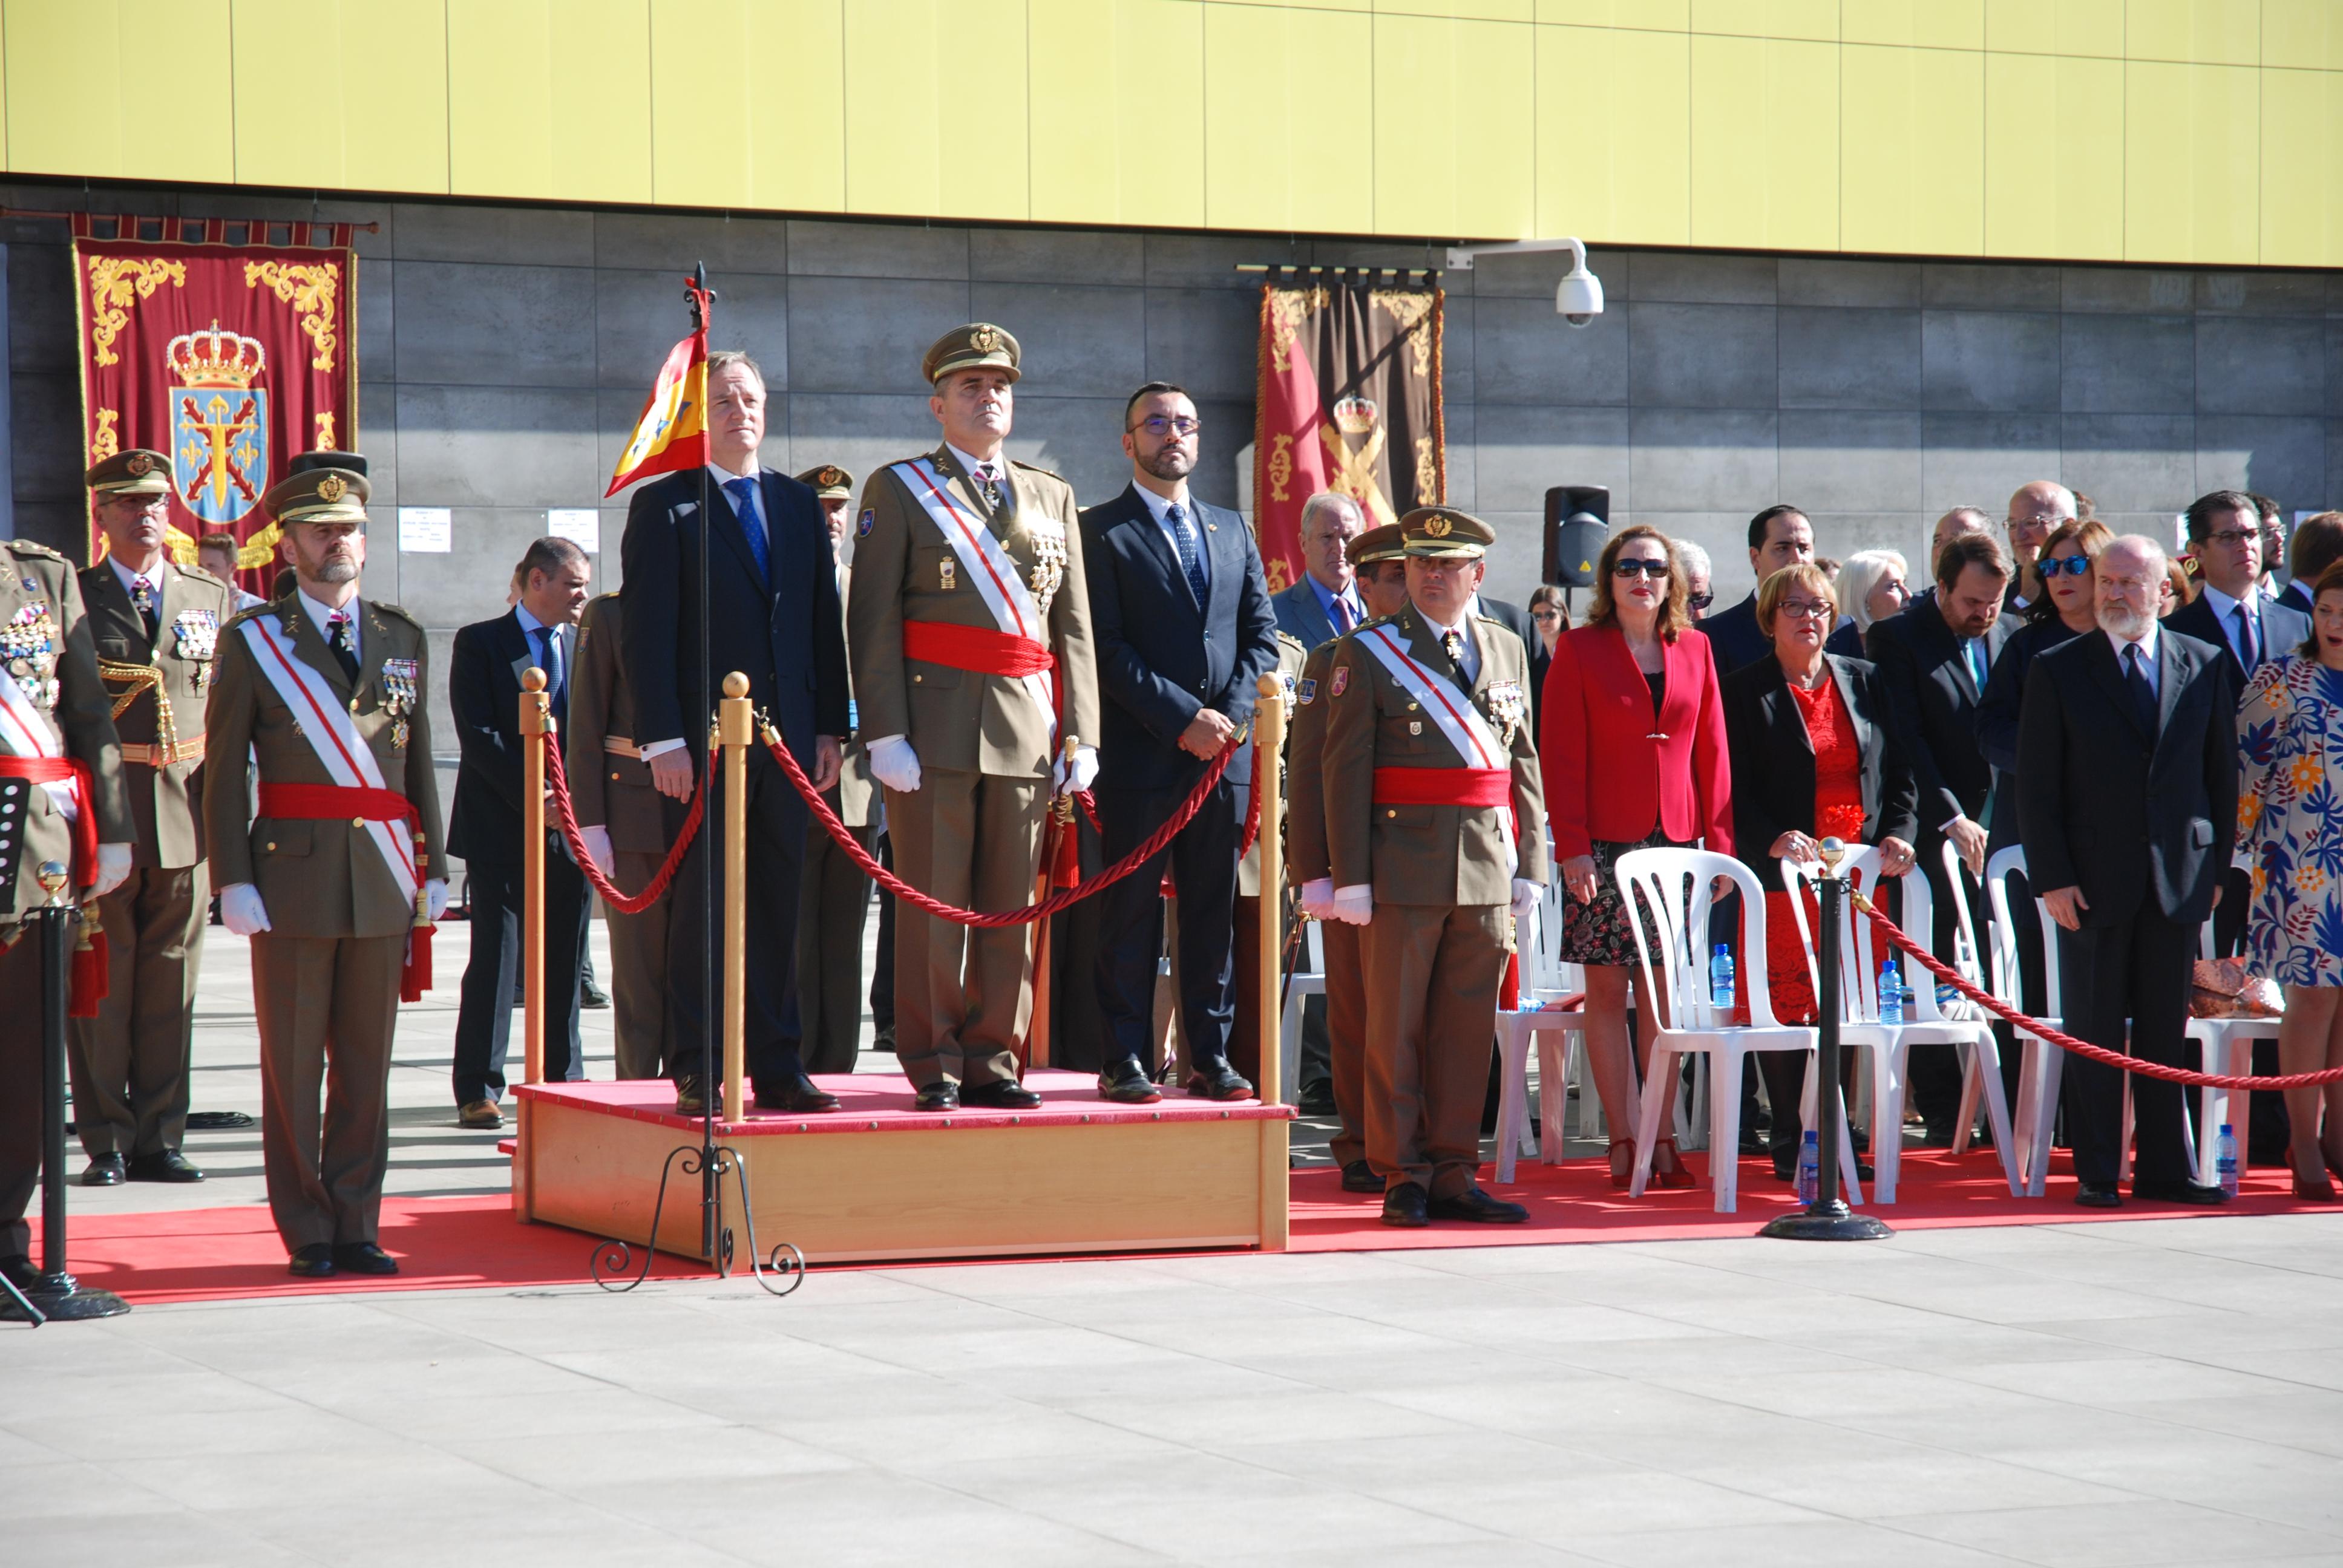 770 civiles juran bandera en Vila-real